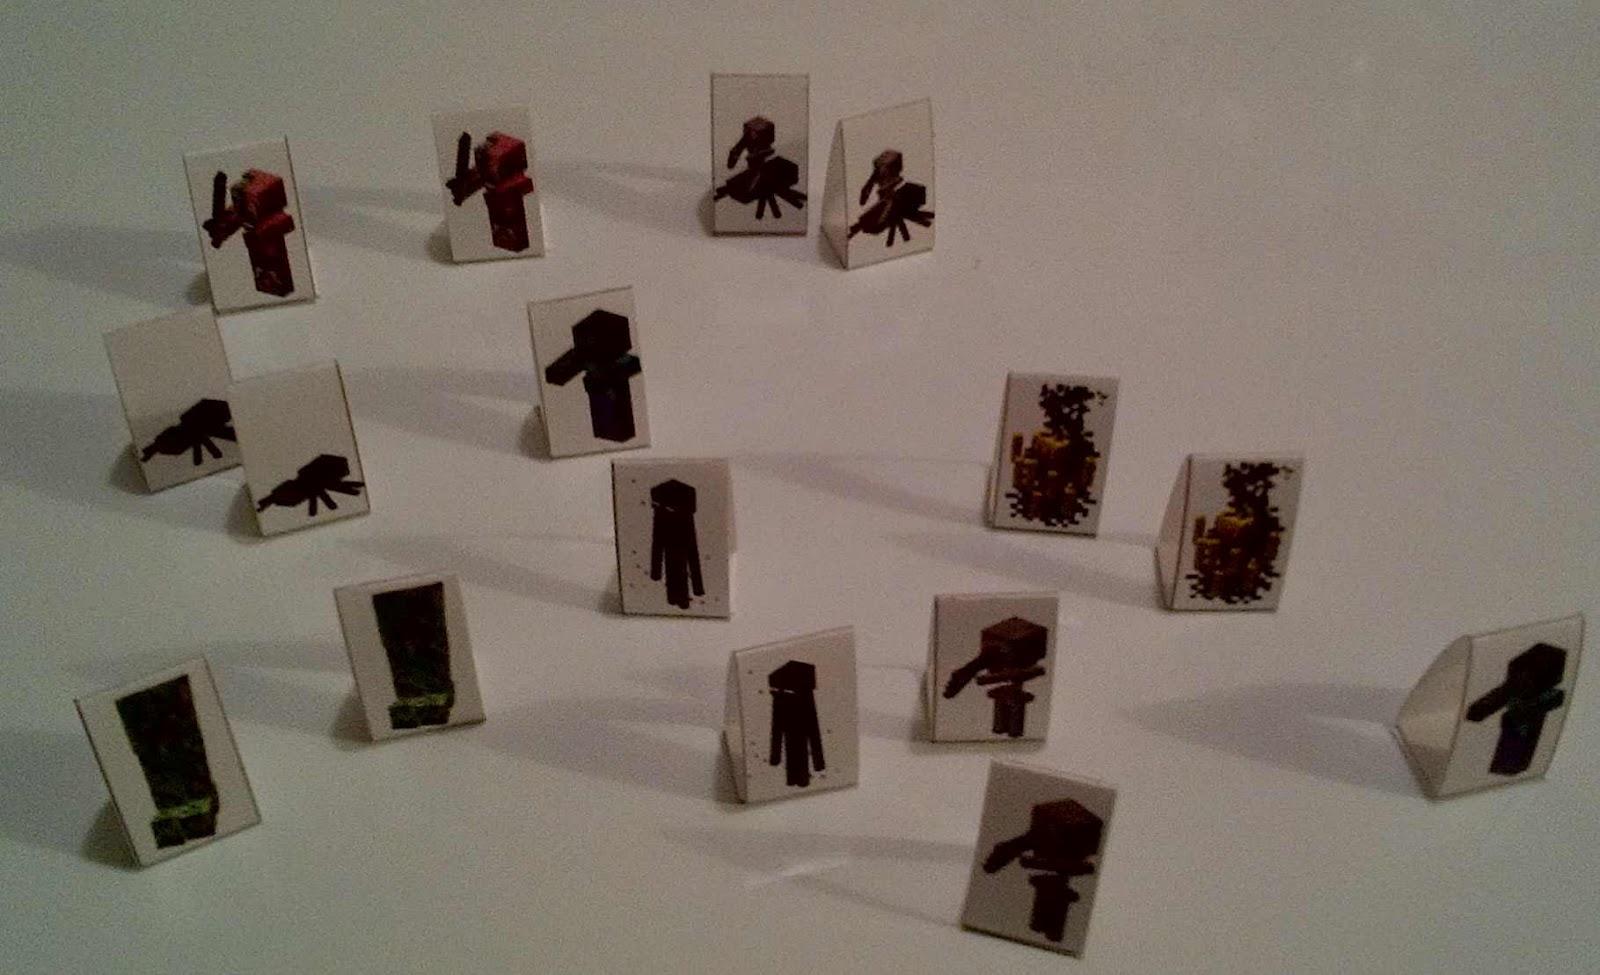 http://3.bp.blogspot.com/-nwhabsvCPTs/T4exJXVzMvI/AAAAAAAAAvk/IOPYFiIQlvQ/s1600/minecraft+paper+figures+mobs.jpg